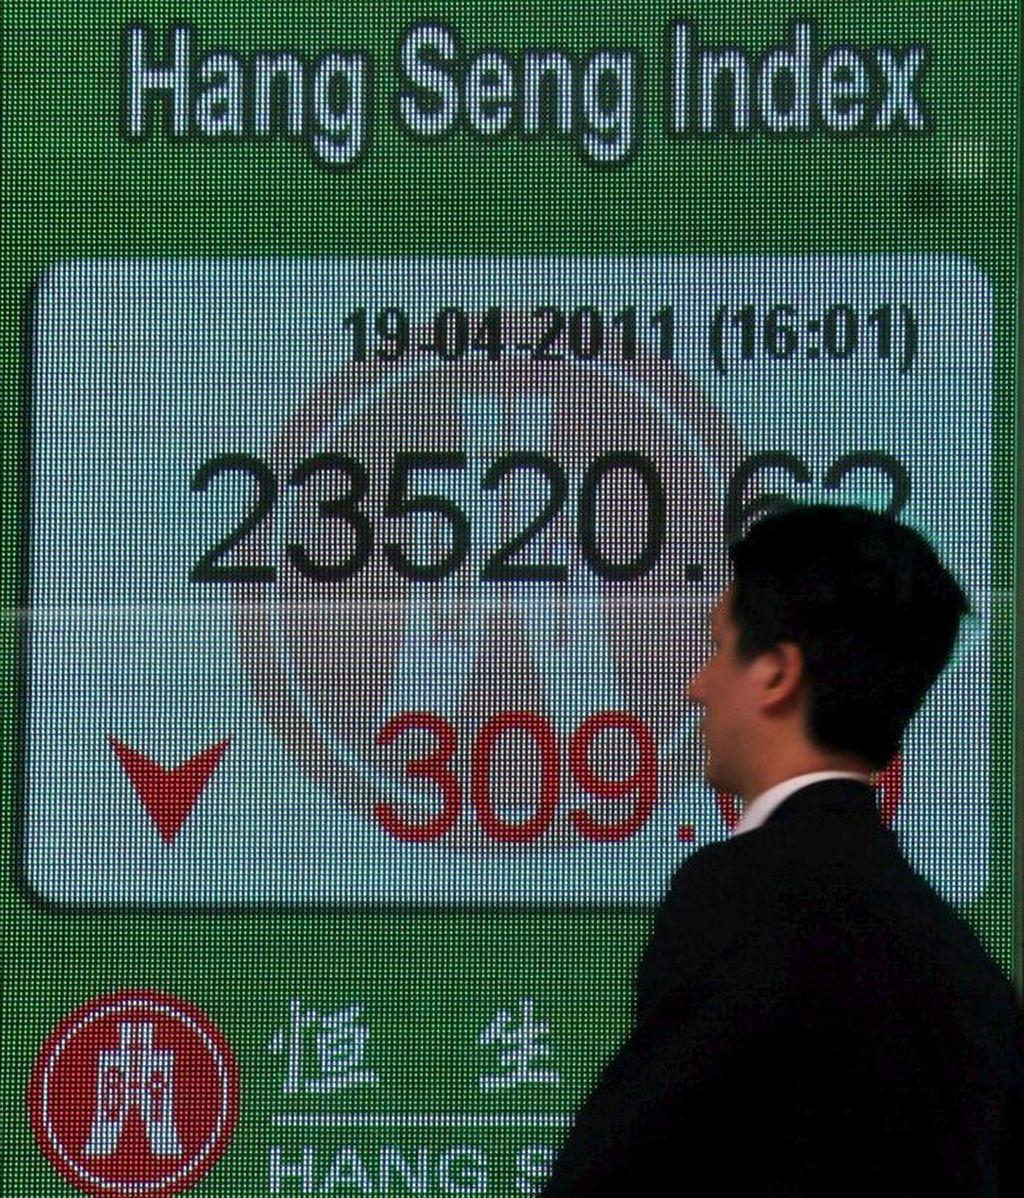 Un hombre pasa delante de un panel electrónico que muestra el valor alcanzado por el índice Hang Seng de la Bolsa de Hong Kong. EFE/Archivo